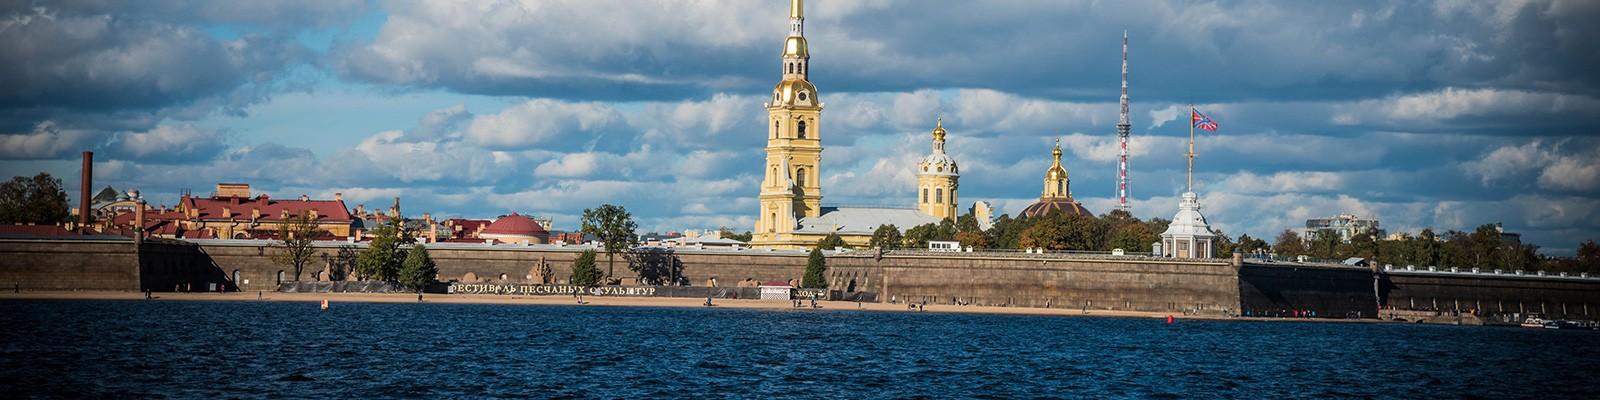 Istorija Sankt Peterburga